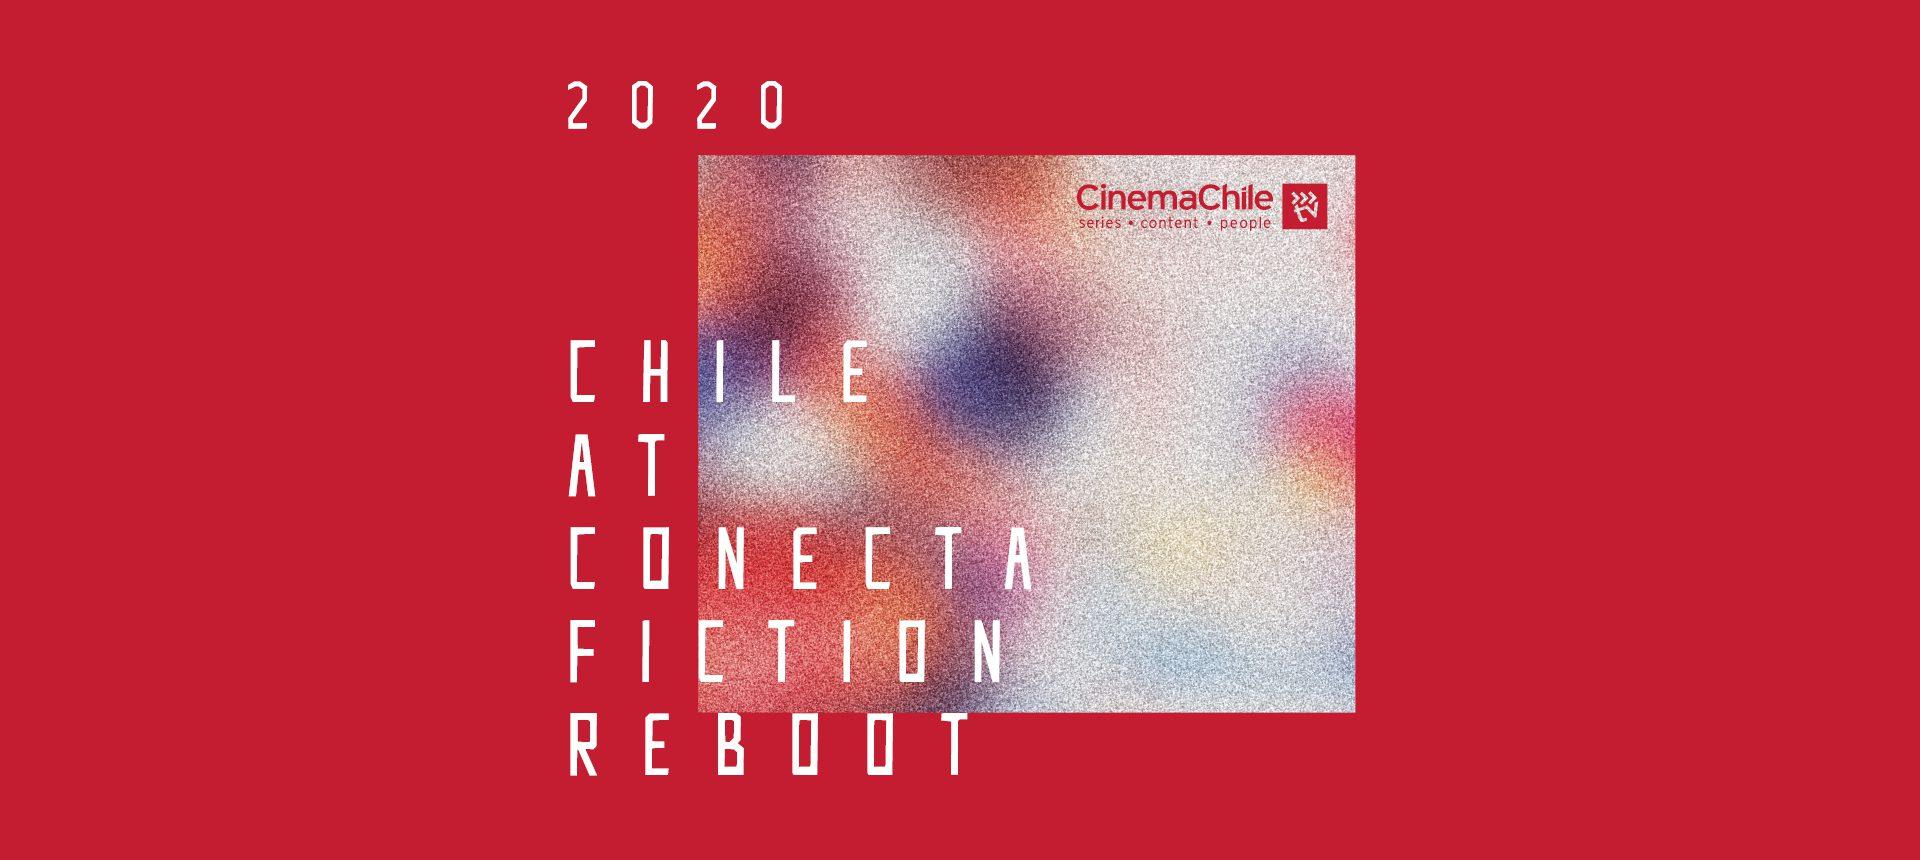 Las series chilenas que este 2020 no dejará atrás y buscarán arrasar en Conecta FICTION Reboot